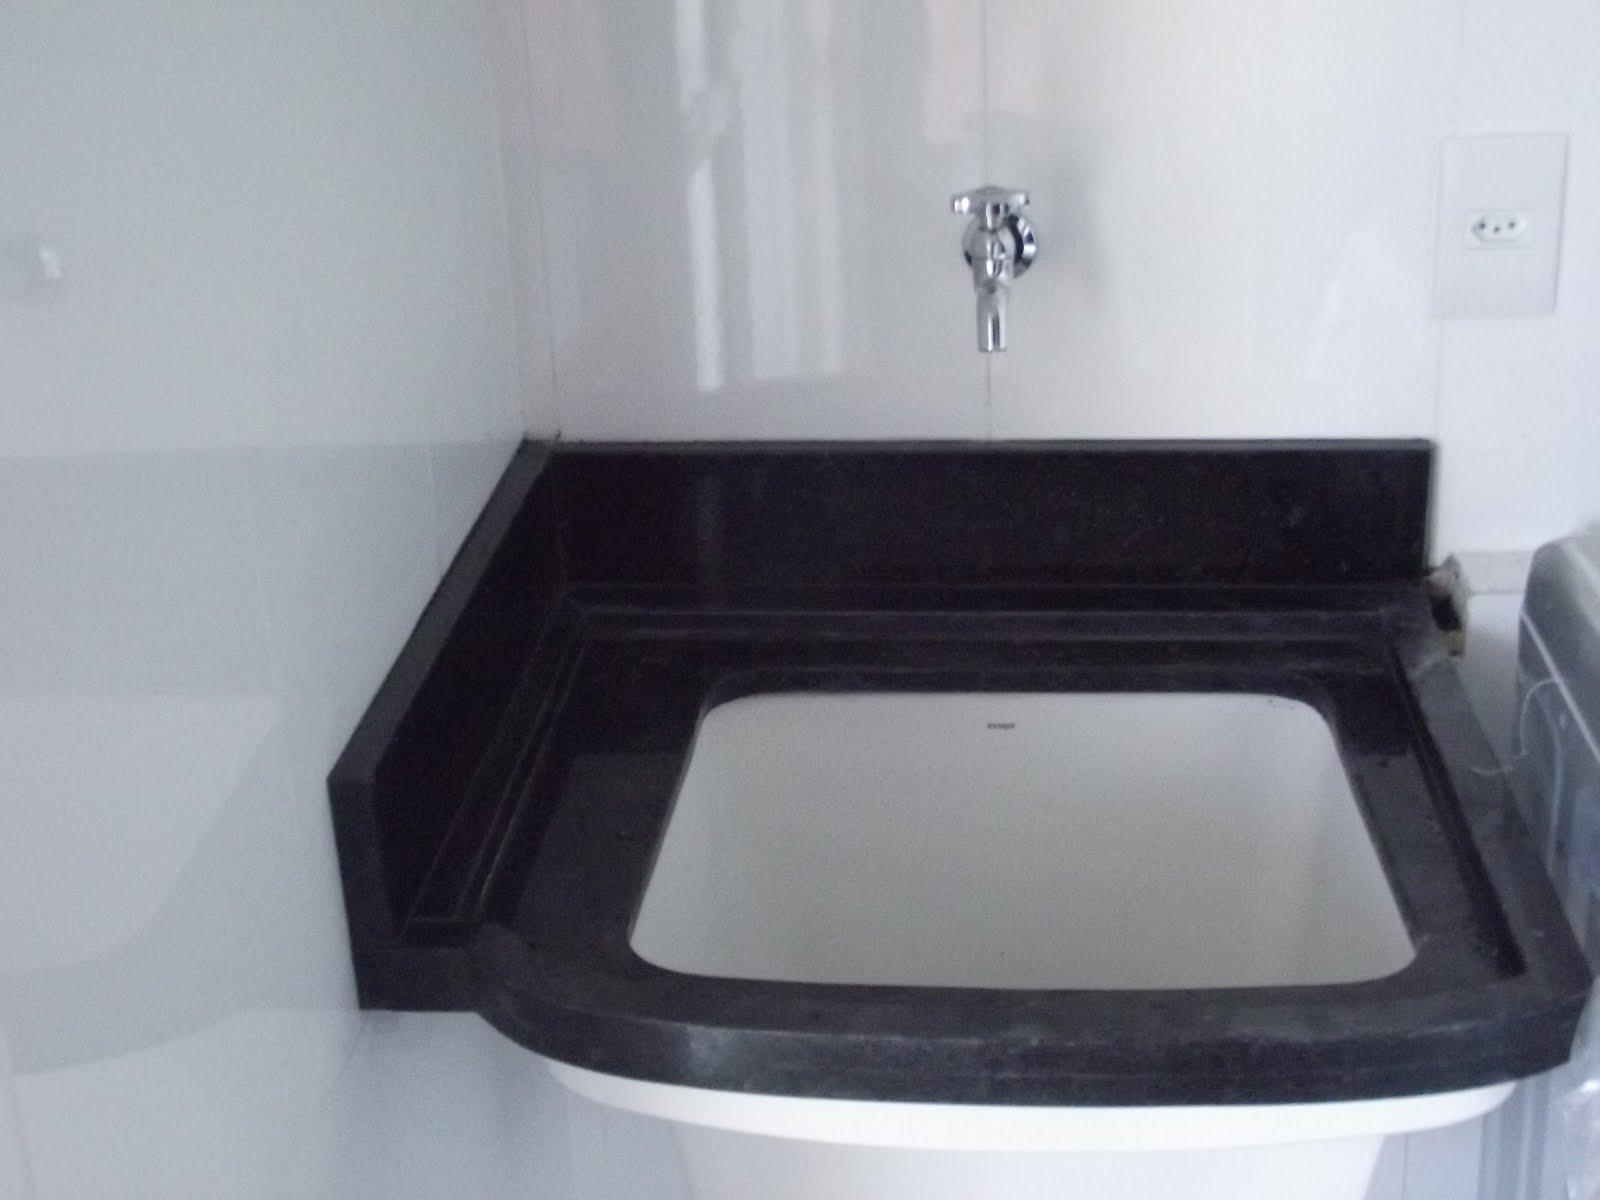 #25232C Balcão tipo cozinha americana em Granito Preto São Gabriel 1600x1200 px Bancada De Cozinha Americana Olx #1377 imagens